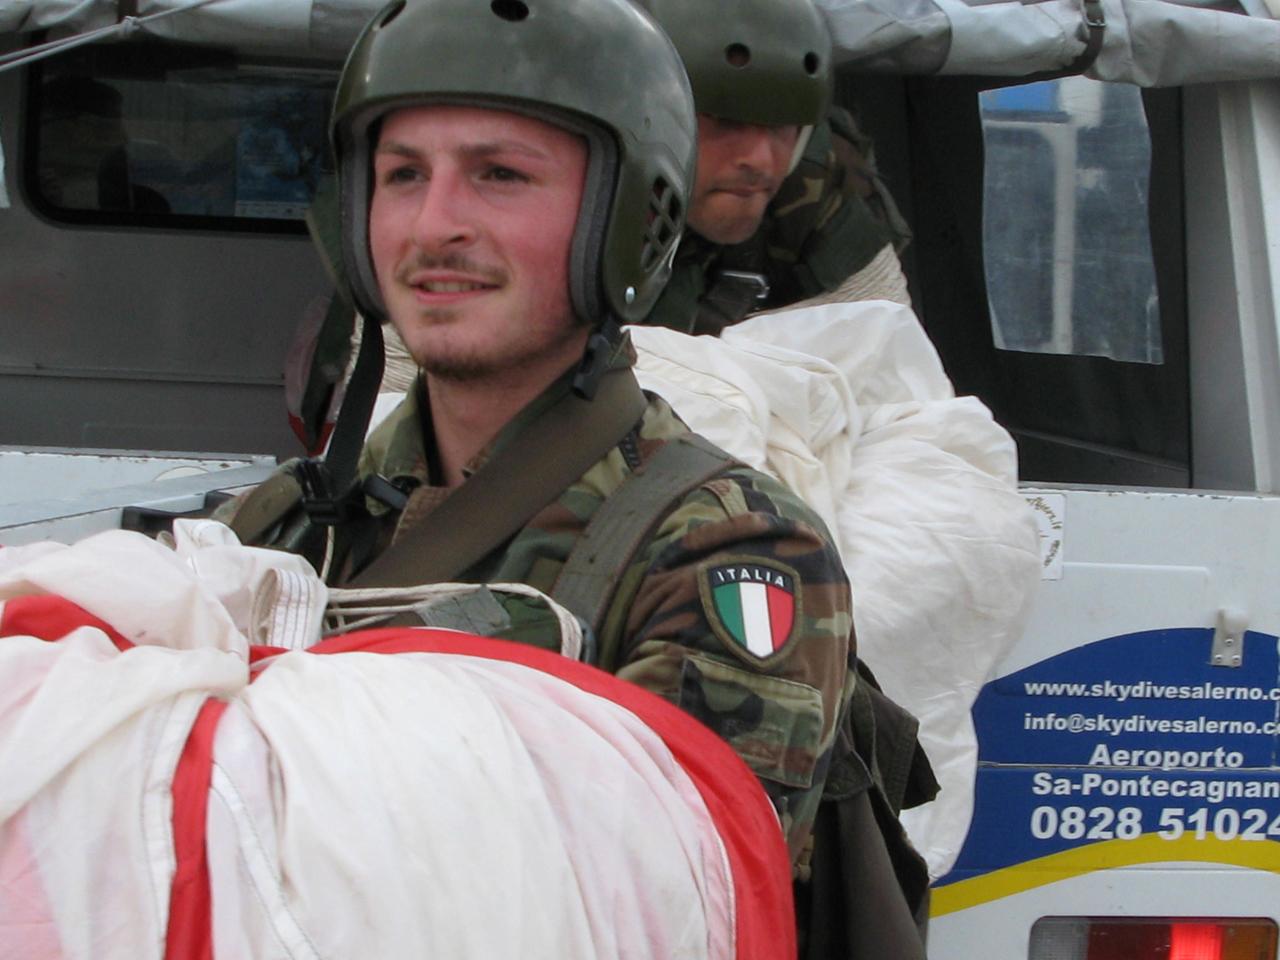 Corso Paracadutisti 2011 Caserta